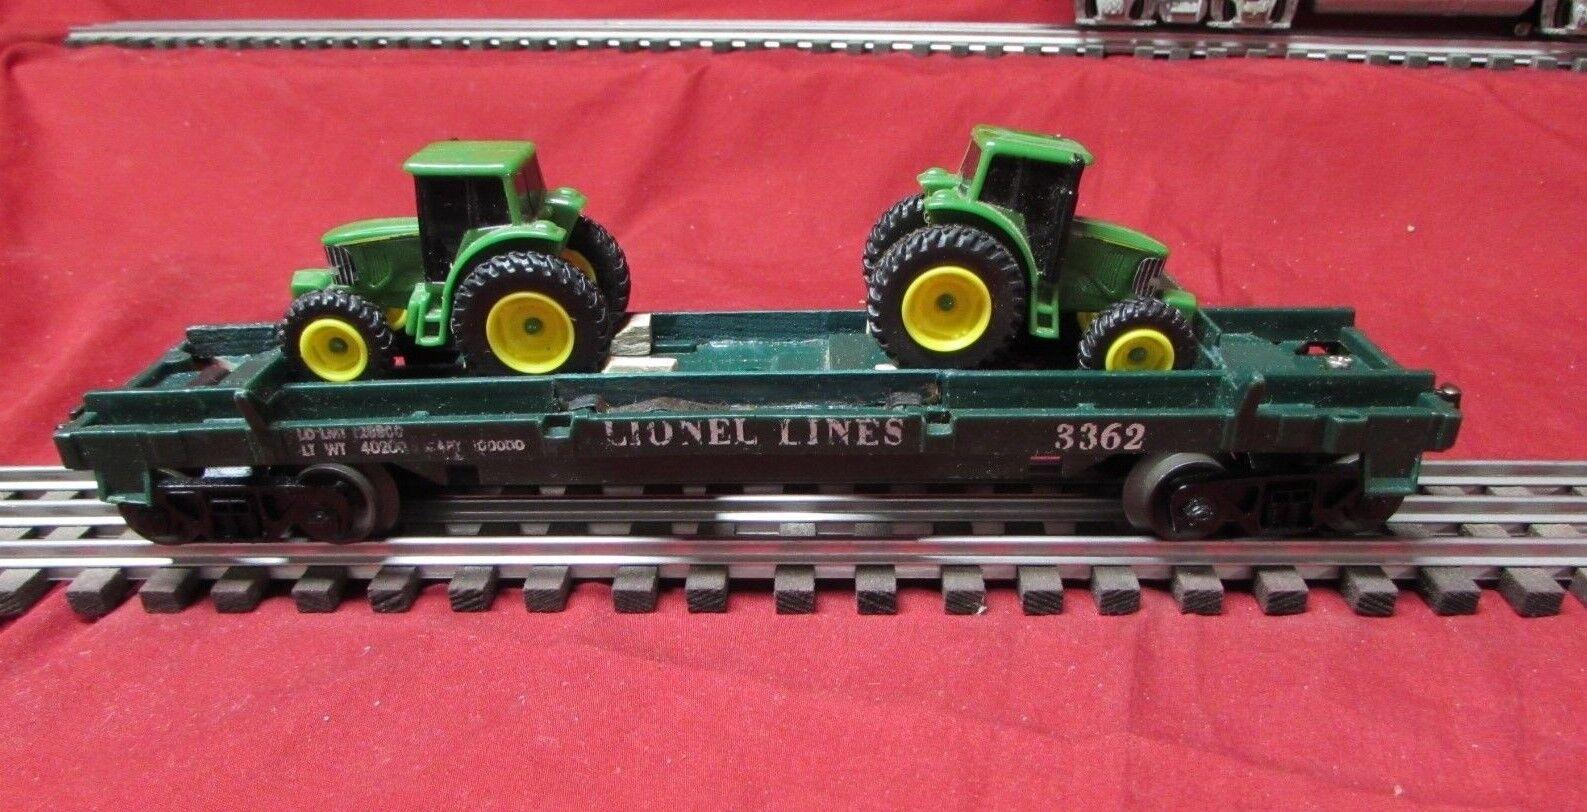 Lionel post guerra de Cochega coche   3362 con 2 tractores o calibre ob